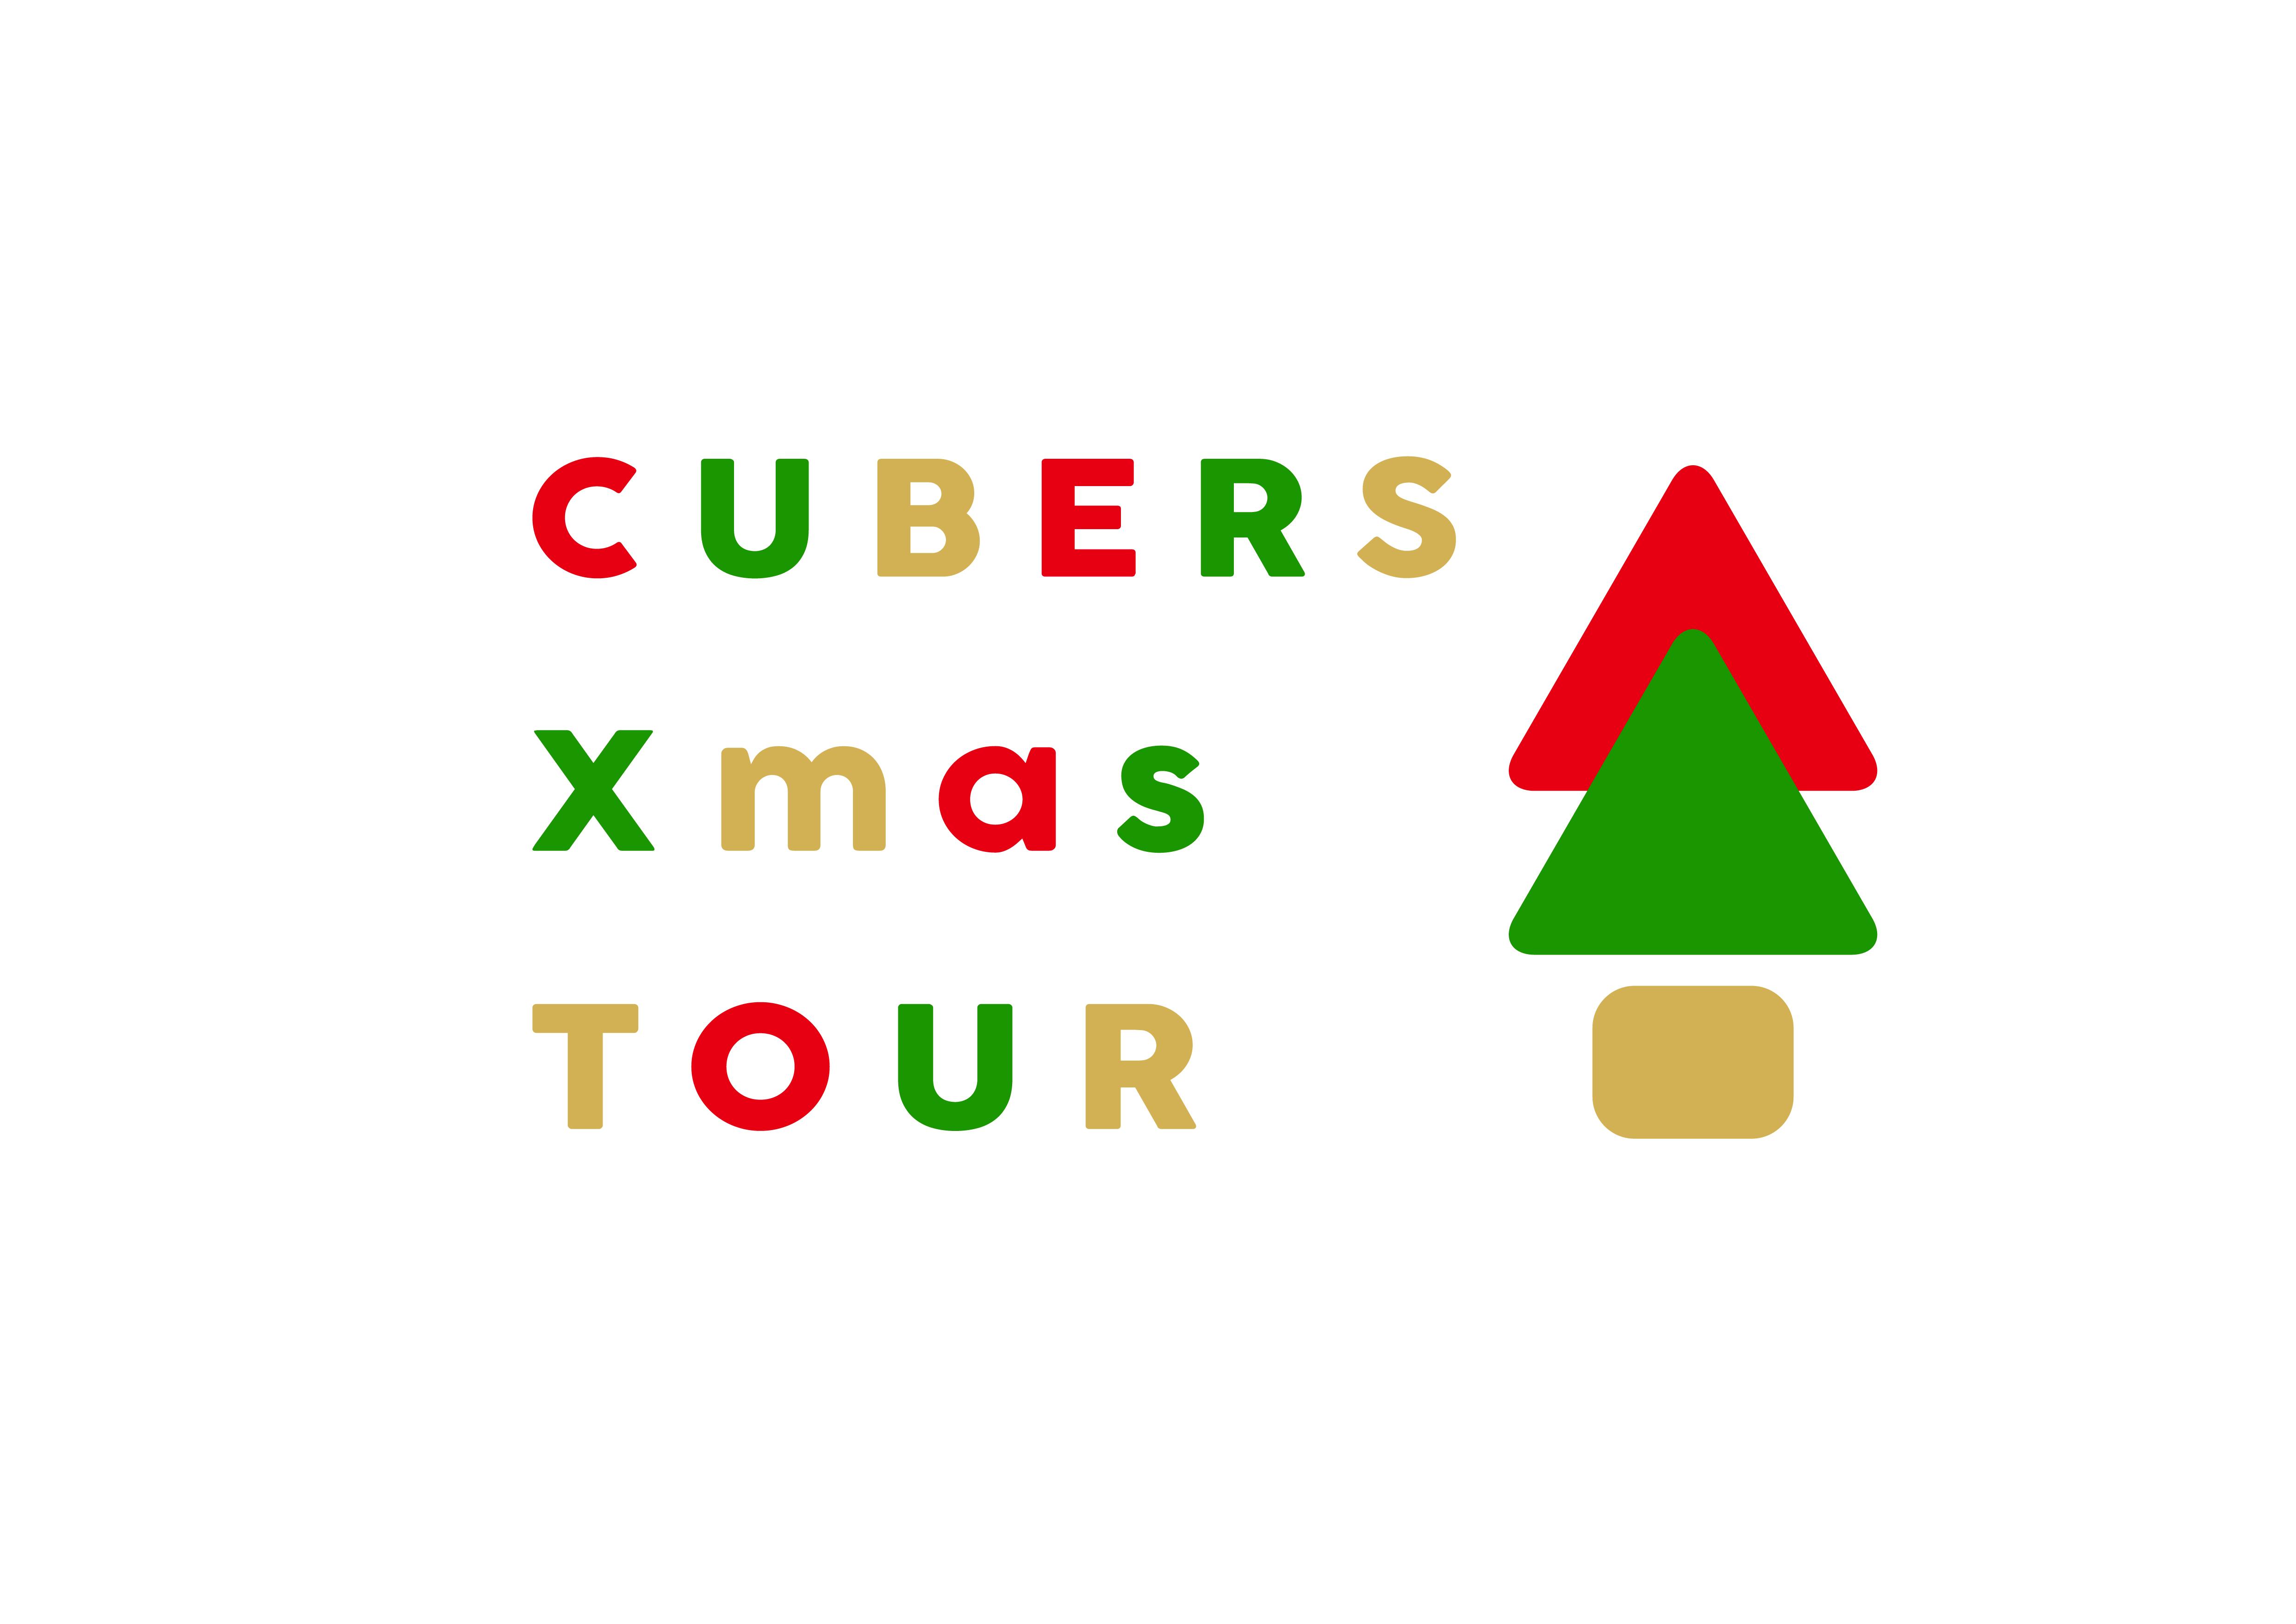 ☆★12月にクリスマスTOUR&12/25 CUBERS Christmas Special~2016年の感謝を込めて入場無料開催します~開催決定☆★